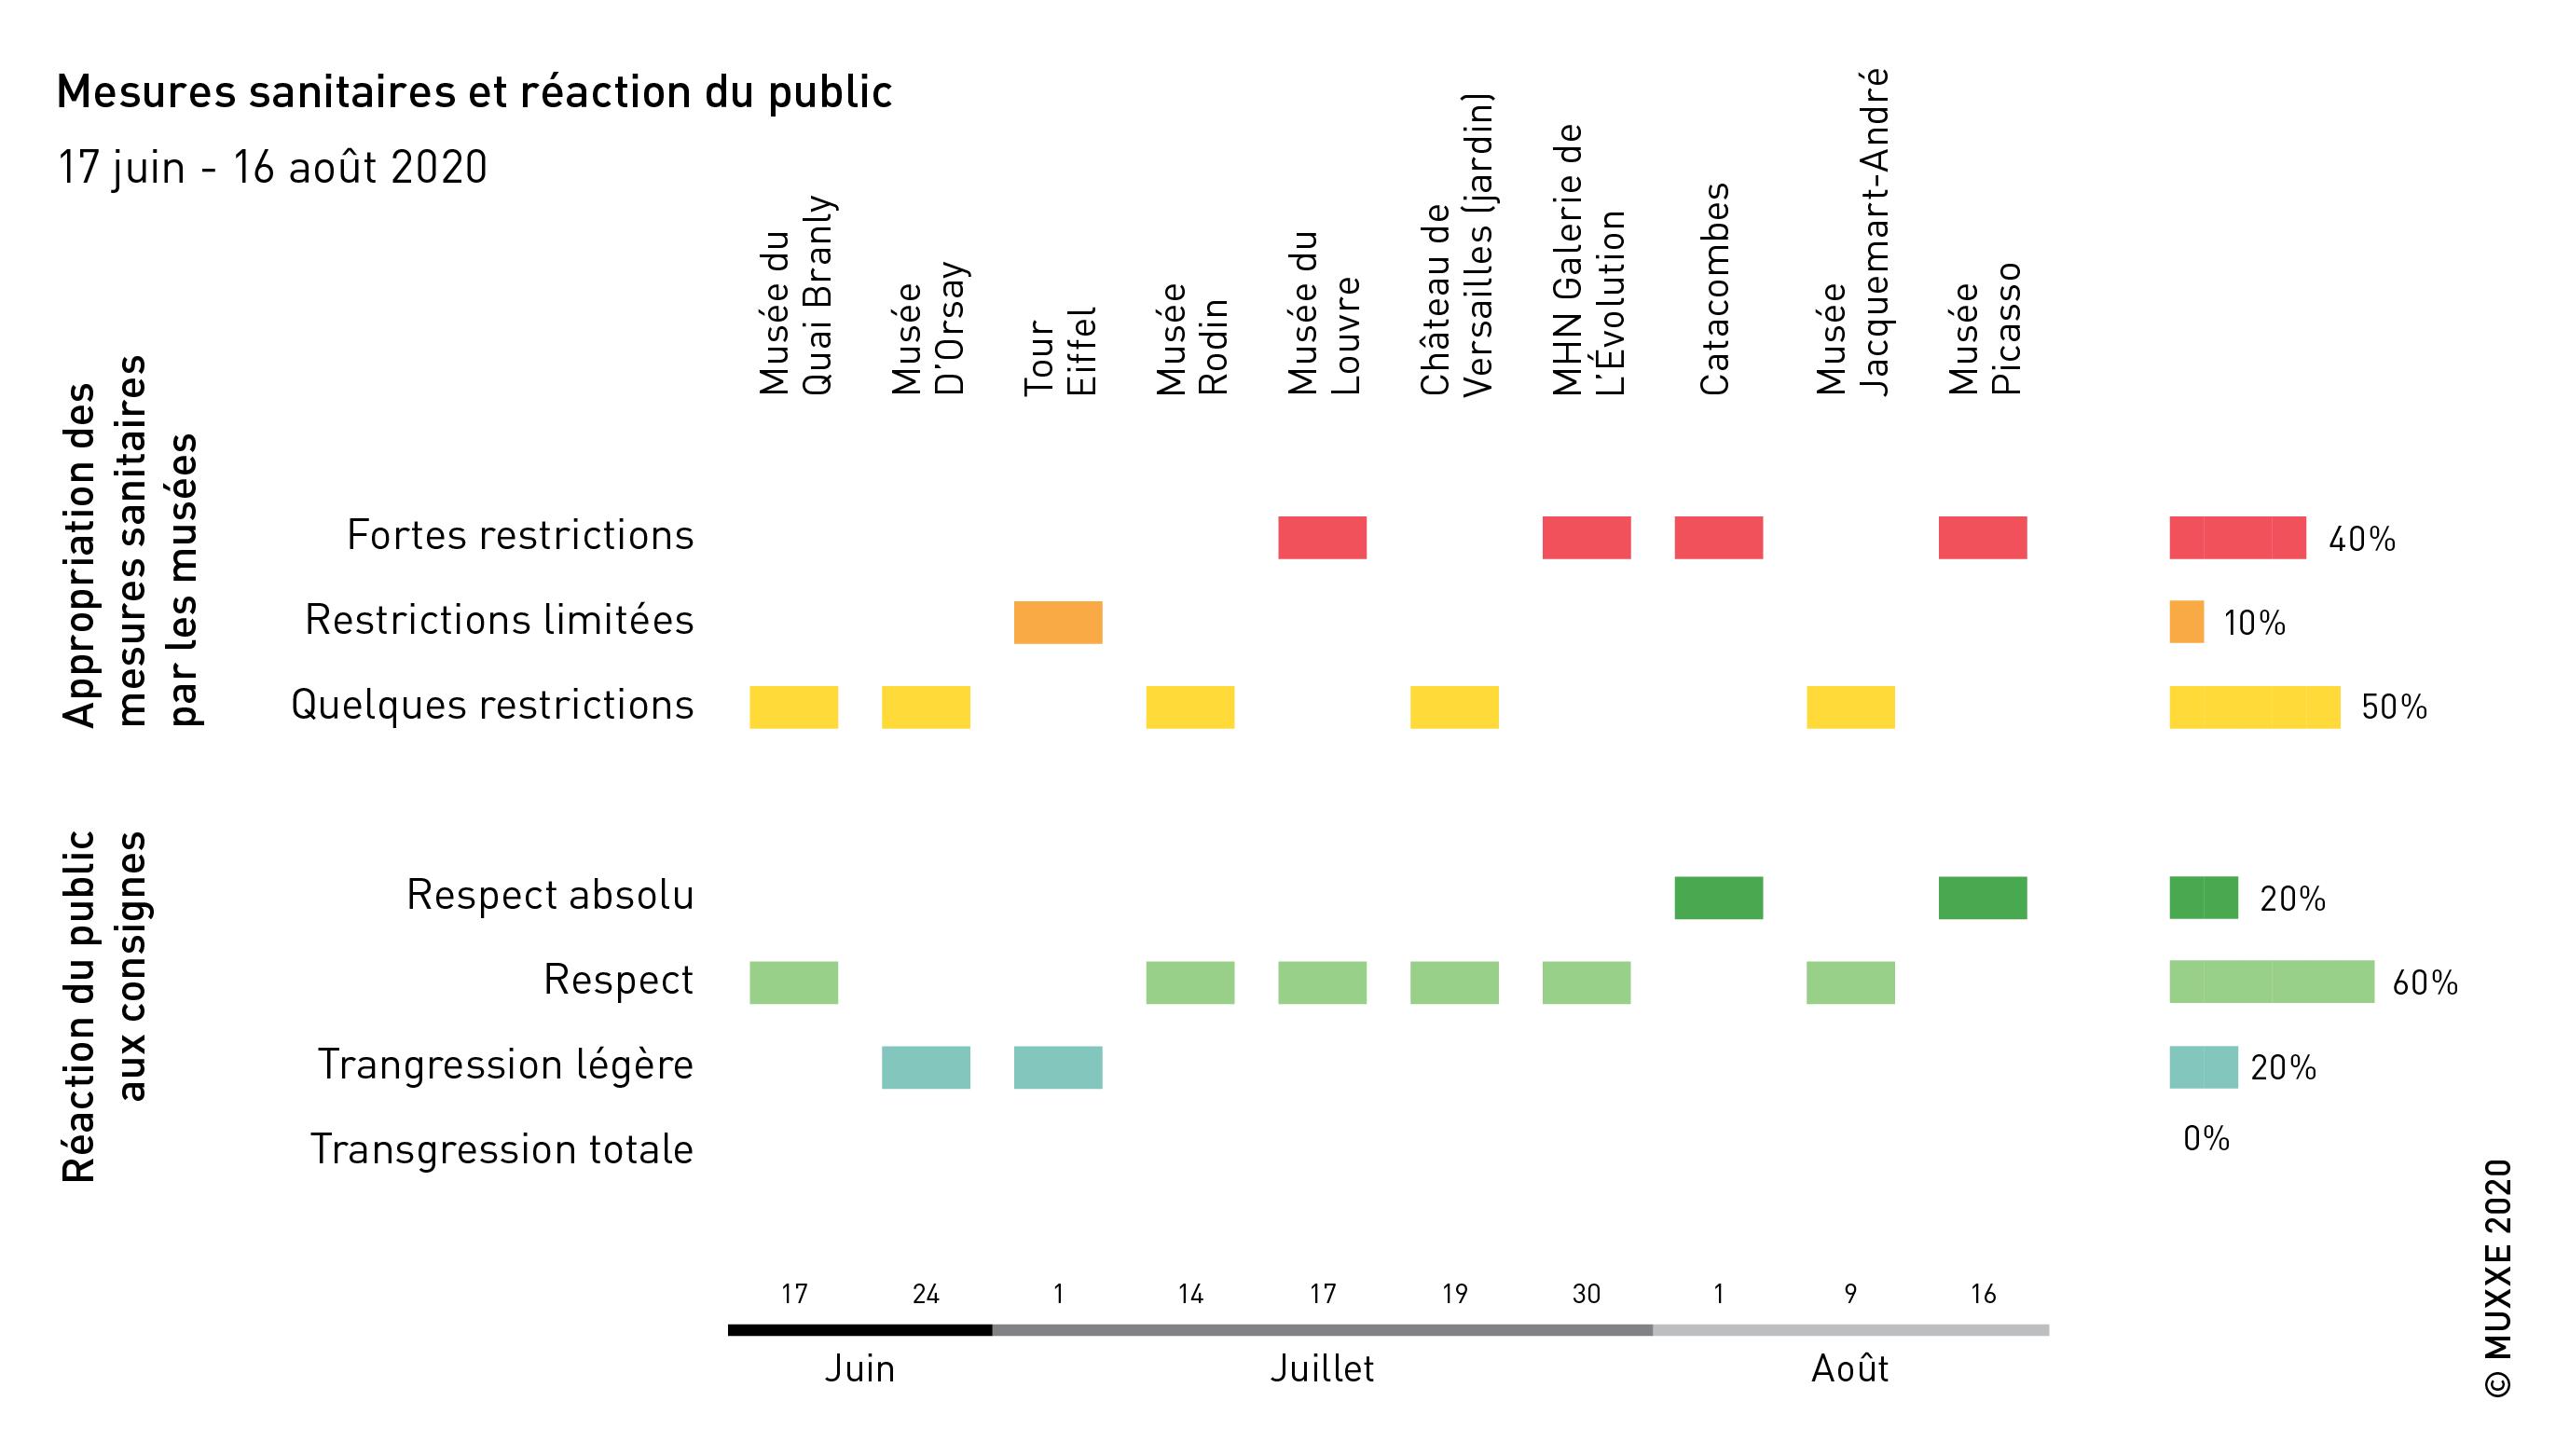 Consignes sanitaires et réactions du public (été 2020)